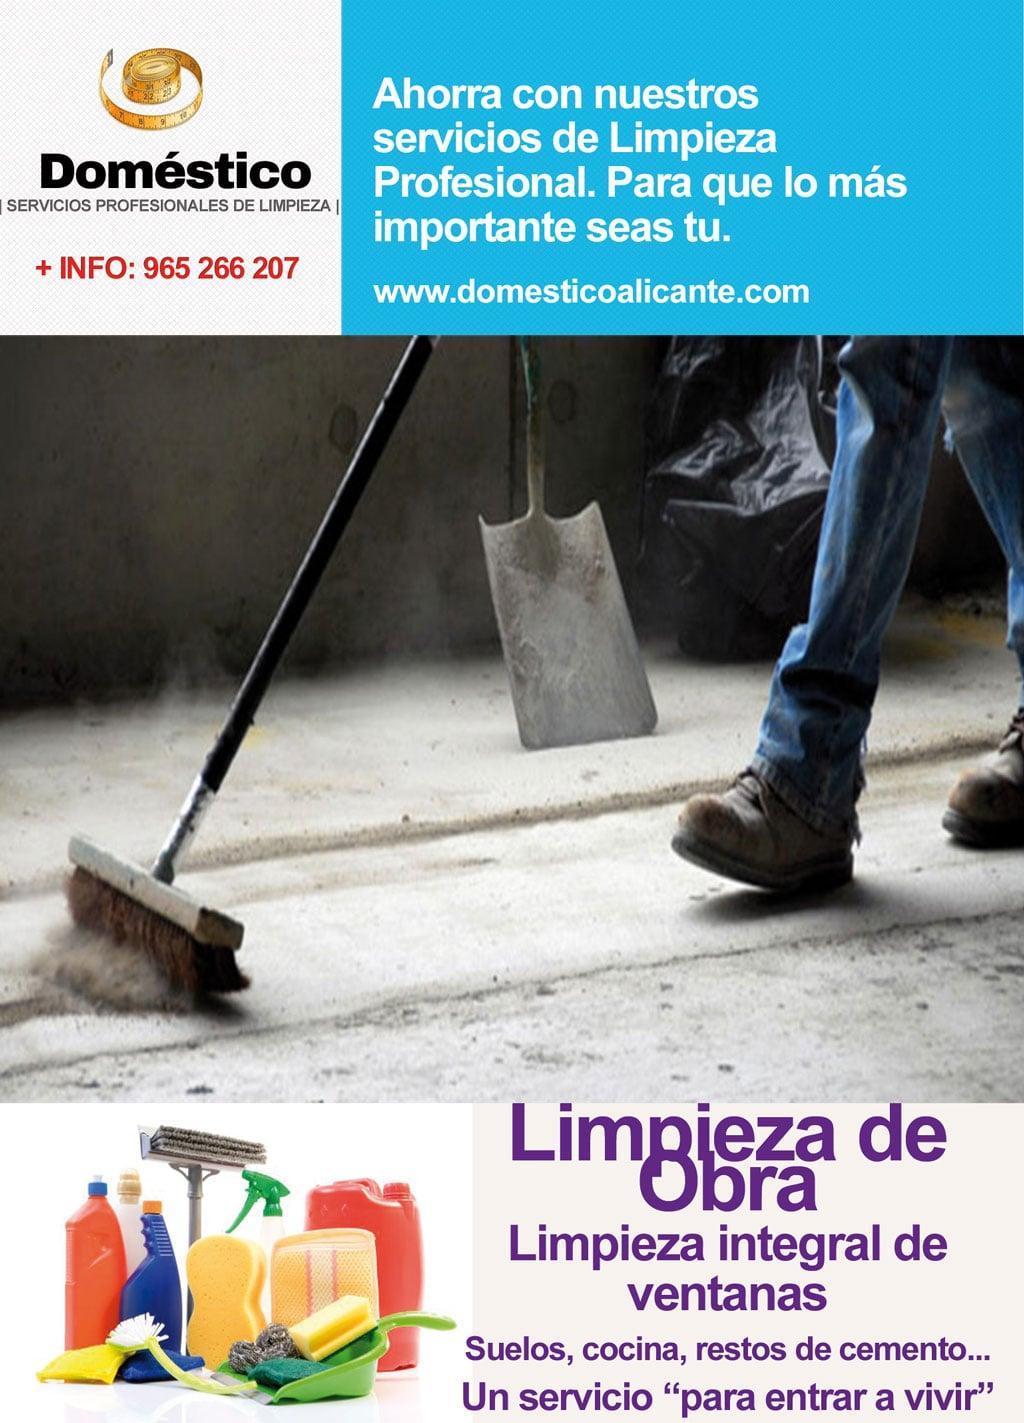 bono limpieza de obra